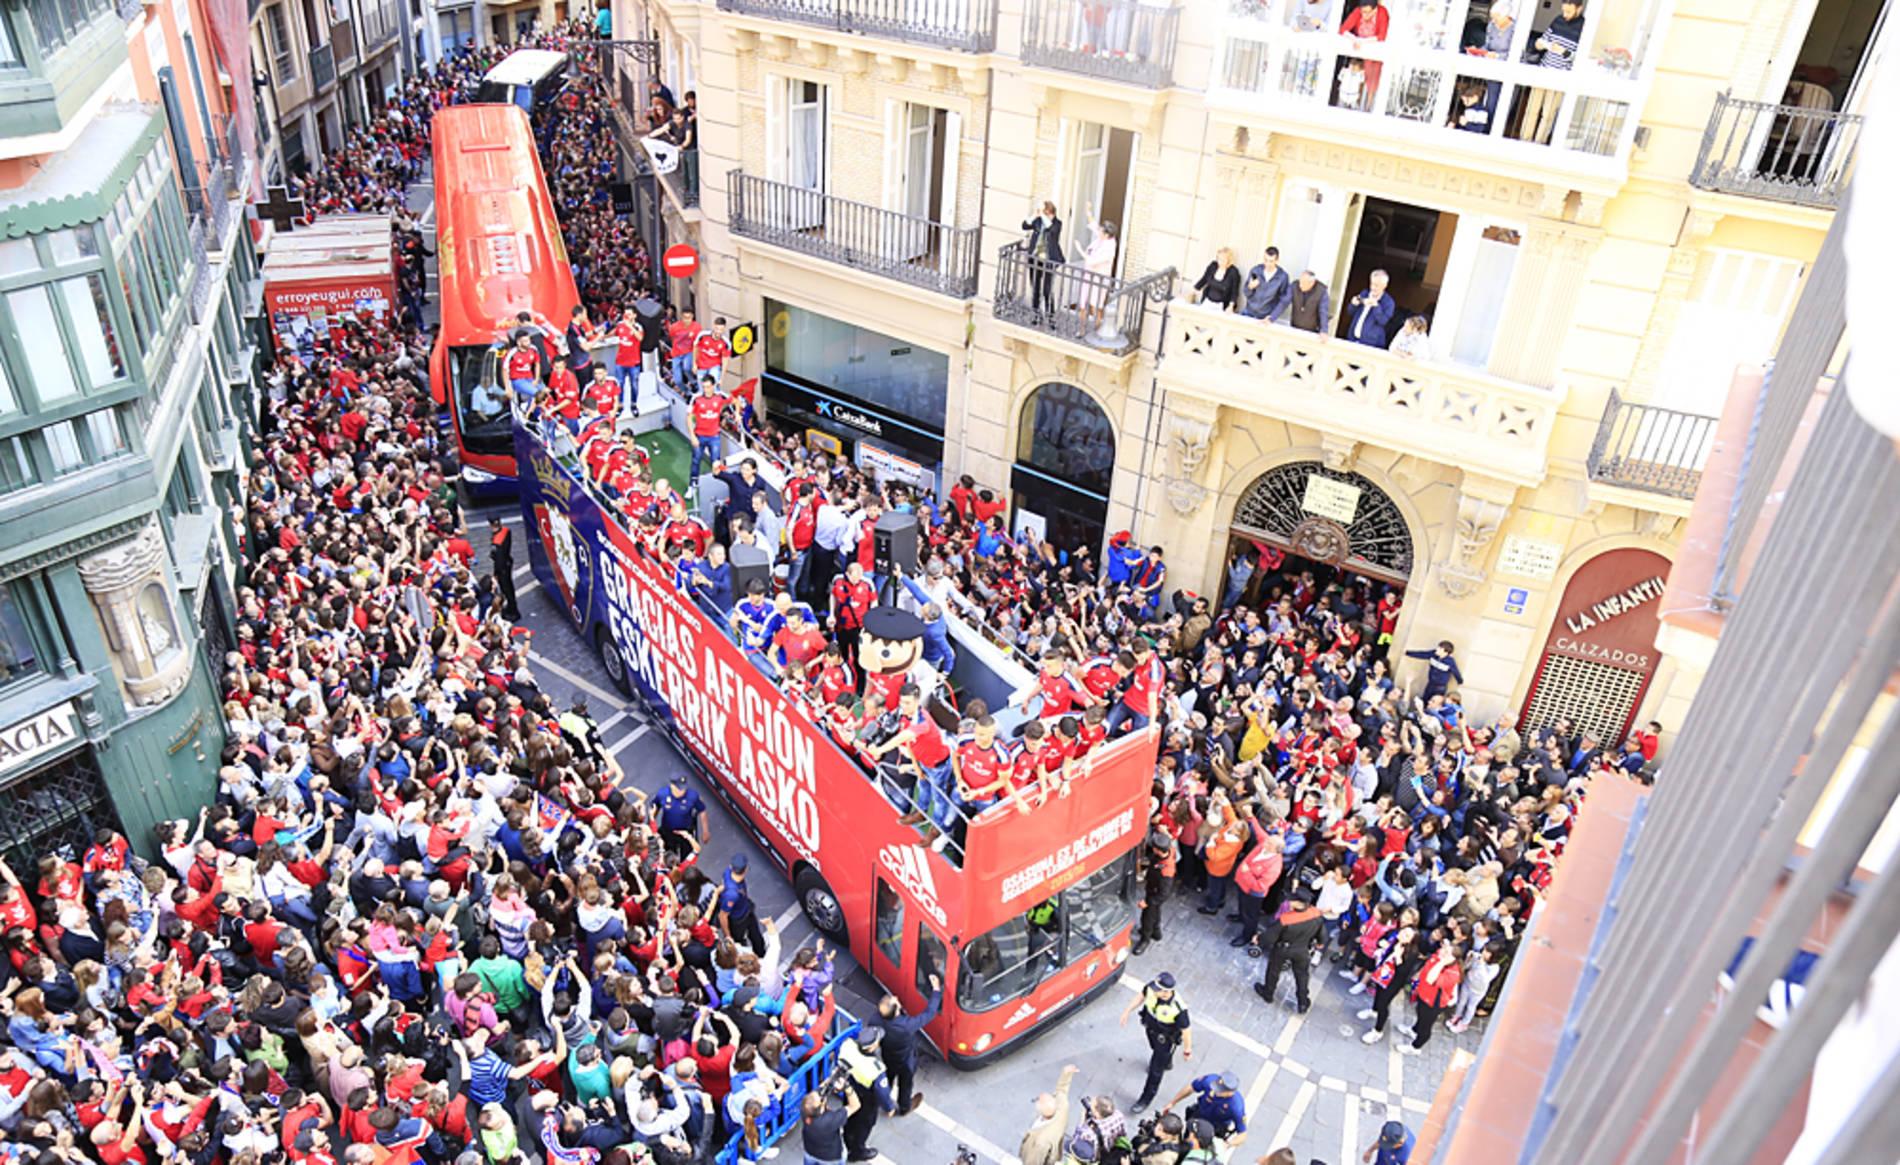 Actos oficiales y homenajes a Osasuna por el ascenso a Primera (1/28) - Rúa rojilla por las calles de Pamplona y actos oficiales en el Palacio del Gobierno de Navarra y en el Ayuntamiento de Pamplona. - Osasuna -